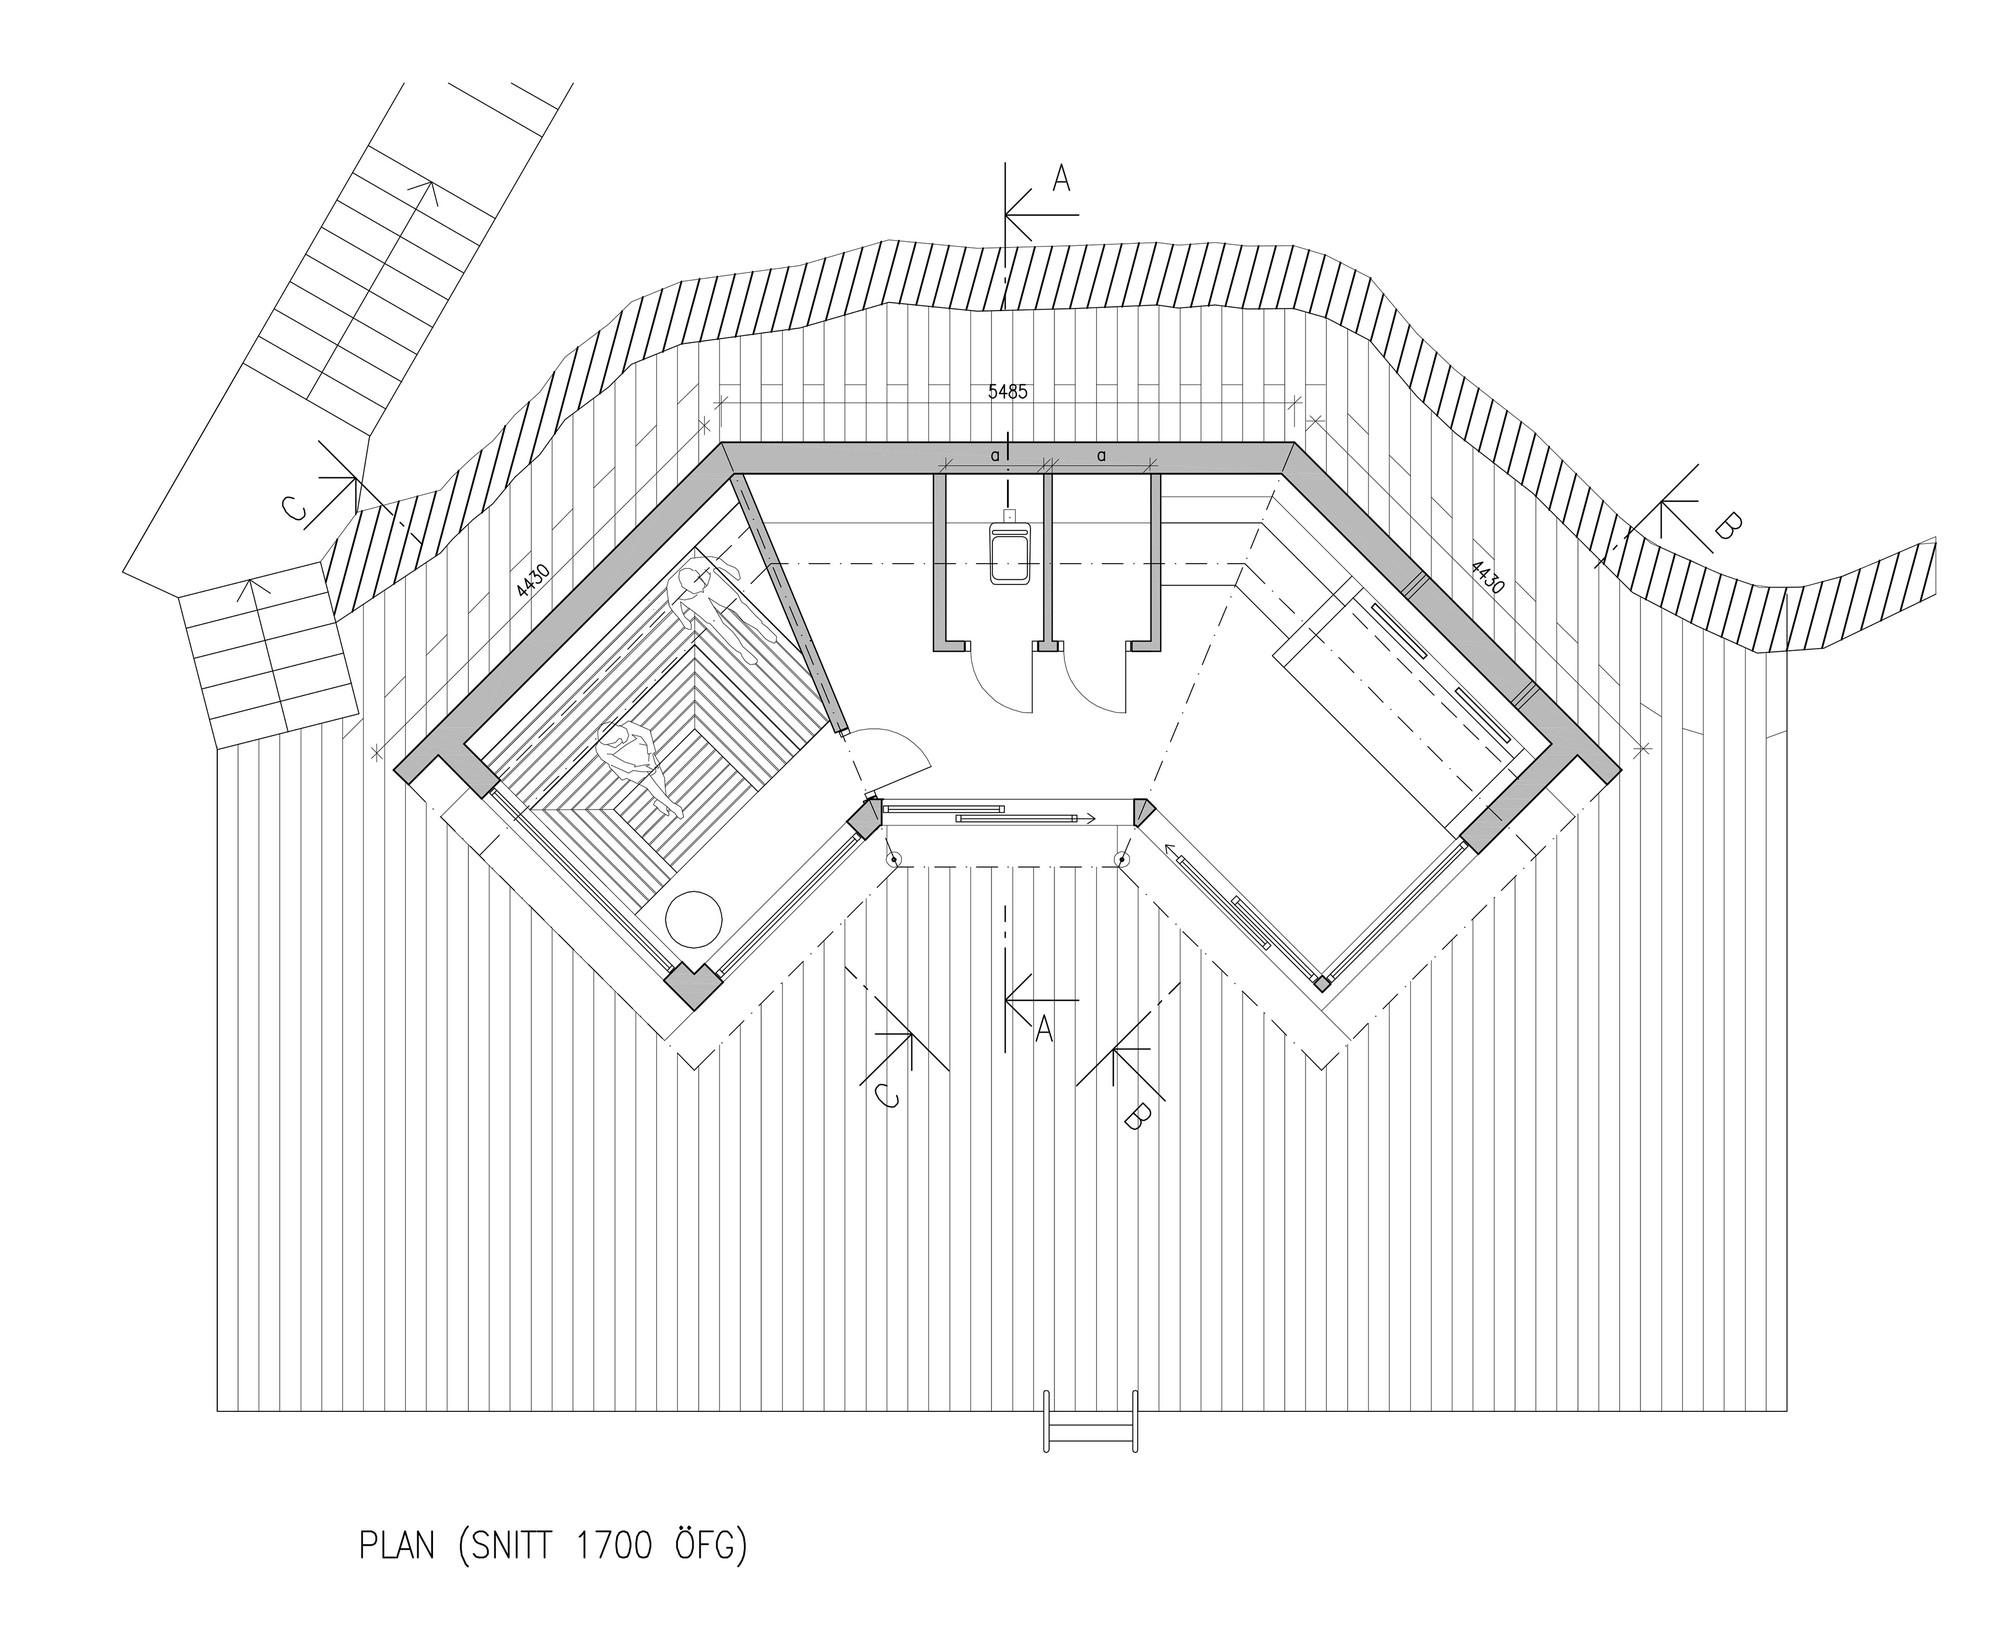 Sauna saltsj baden murman arkitekter archdaily Sauna floor plans